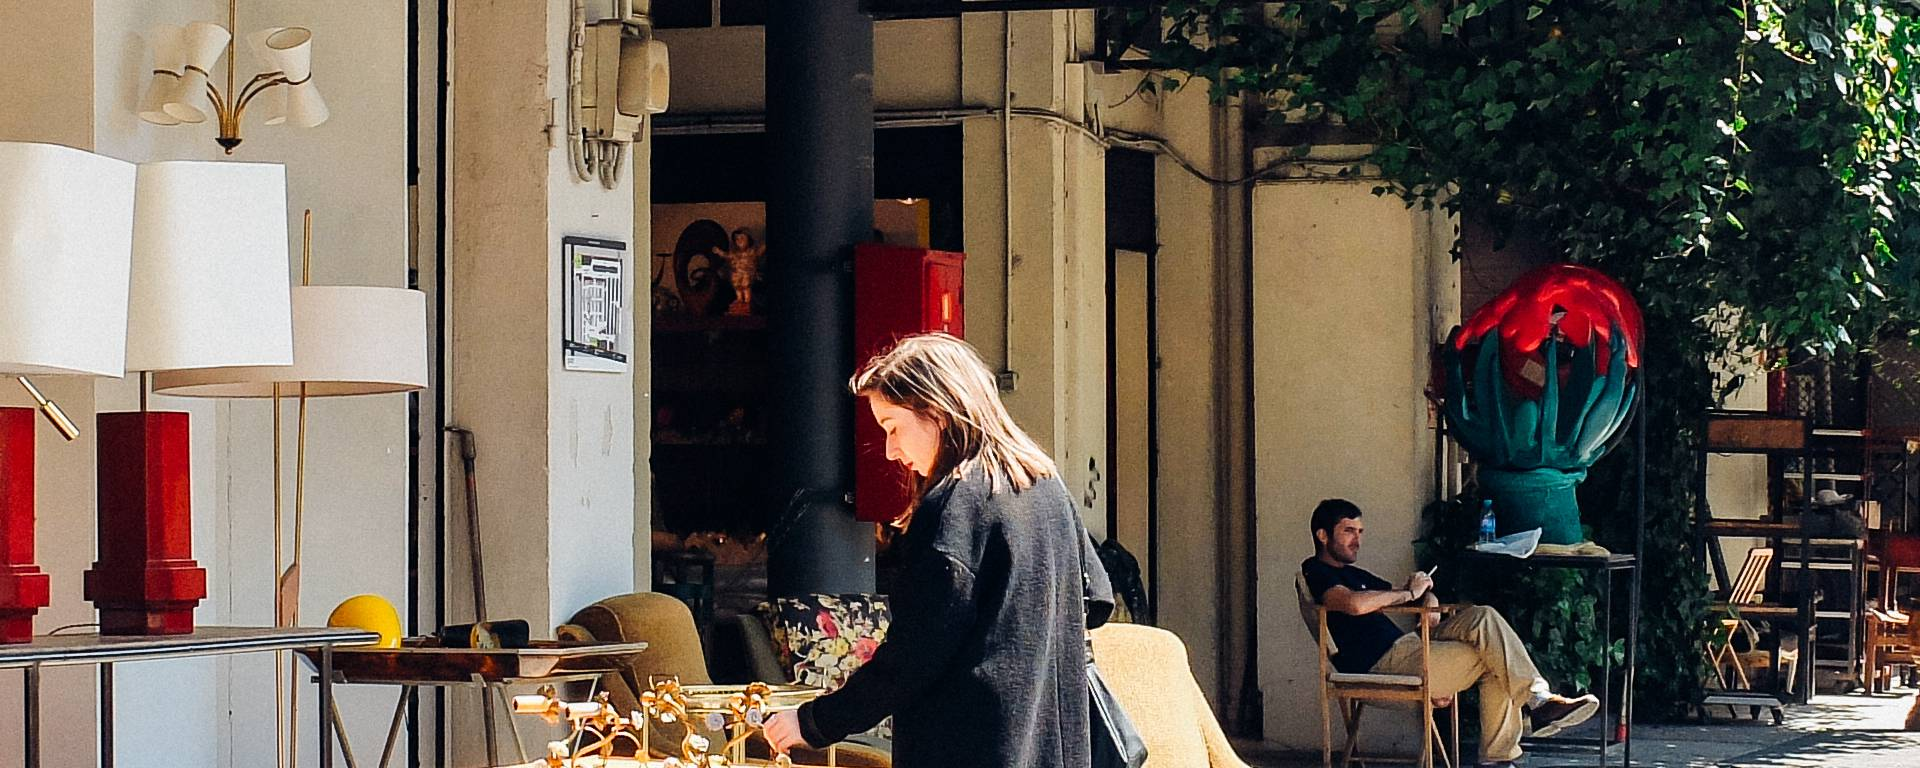 Mobilier vintage au marché aux ouces